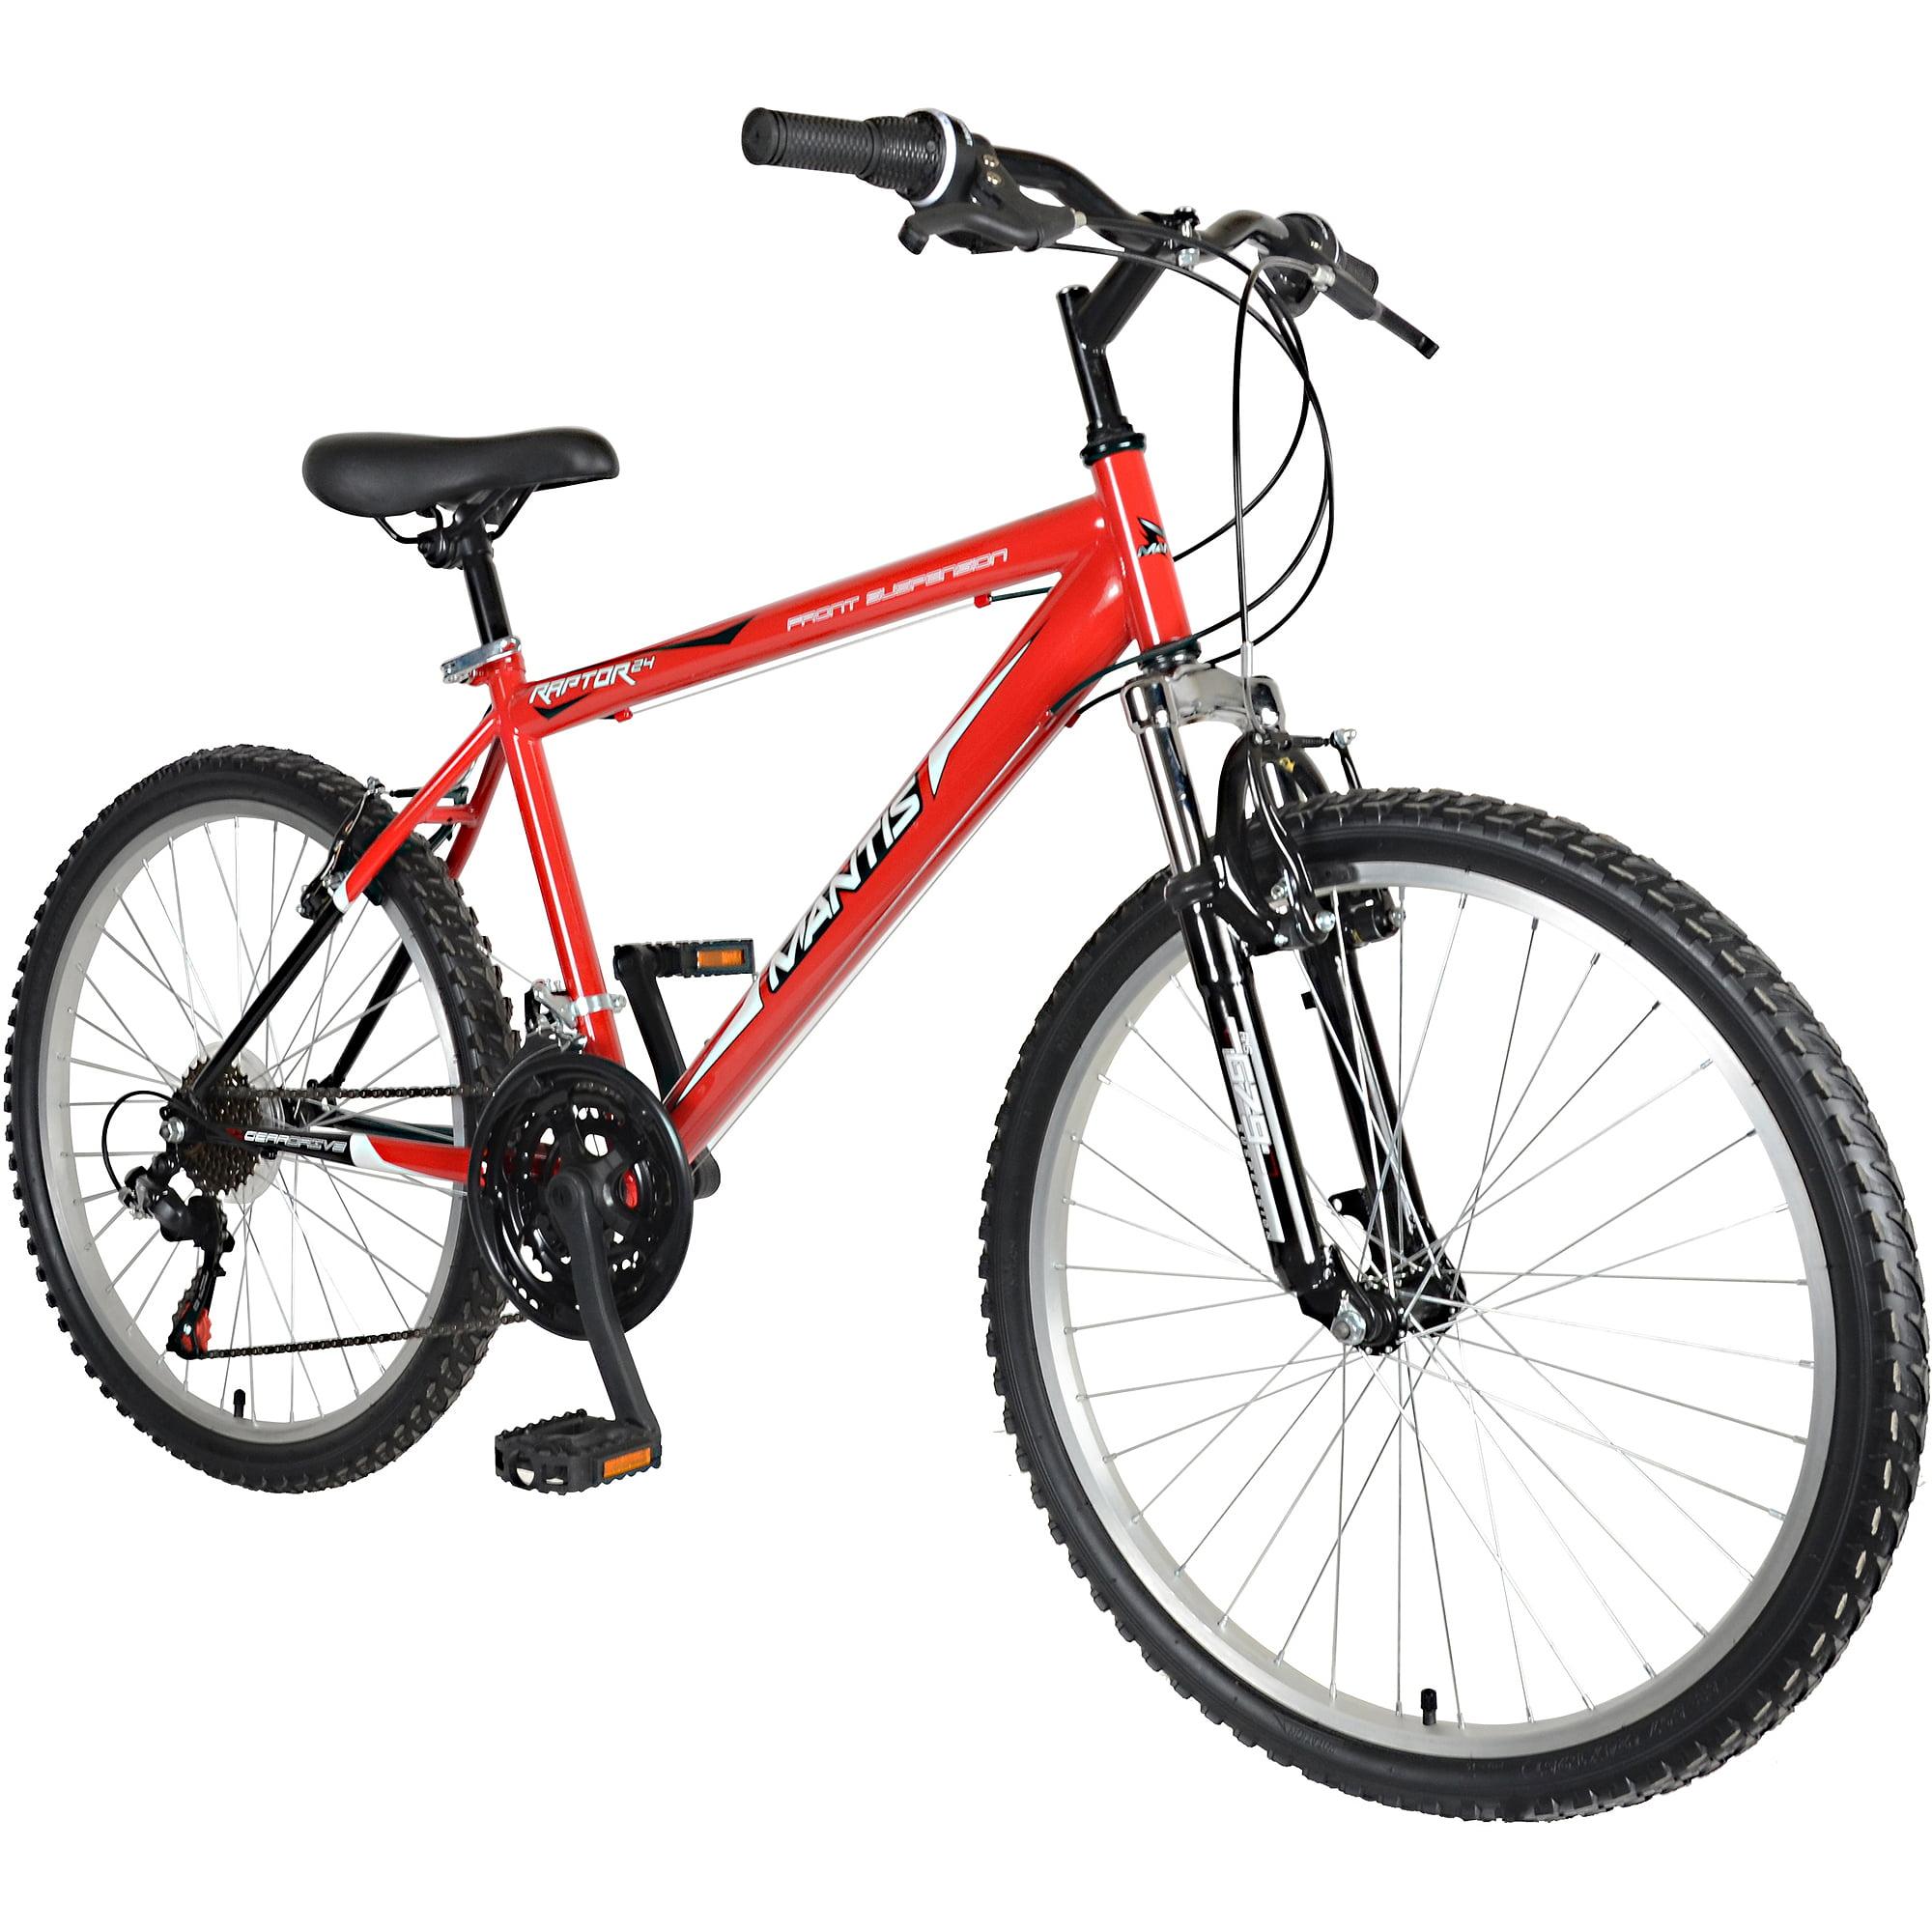 Mantis Raptor 24 B Mountain Bike